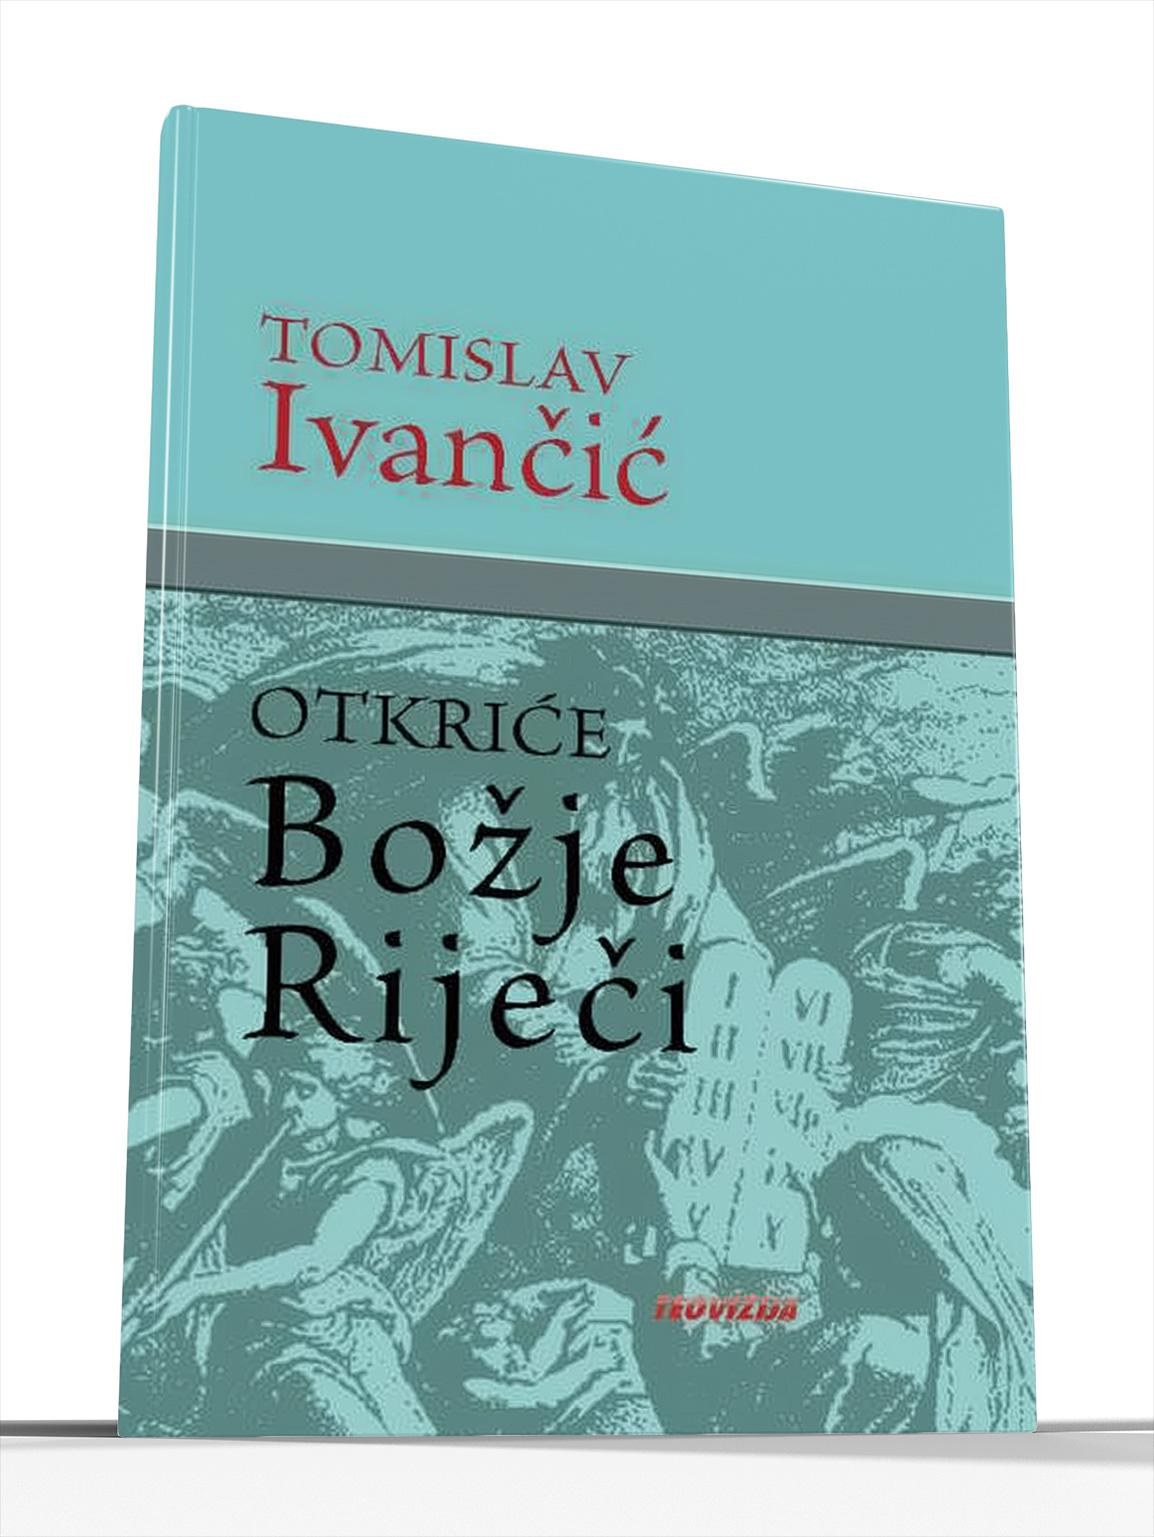 OTKRIĆE BOŽJE RIJEČI - Tomislav Ivančić